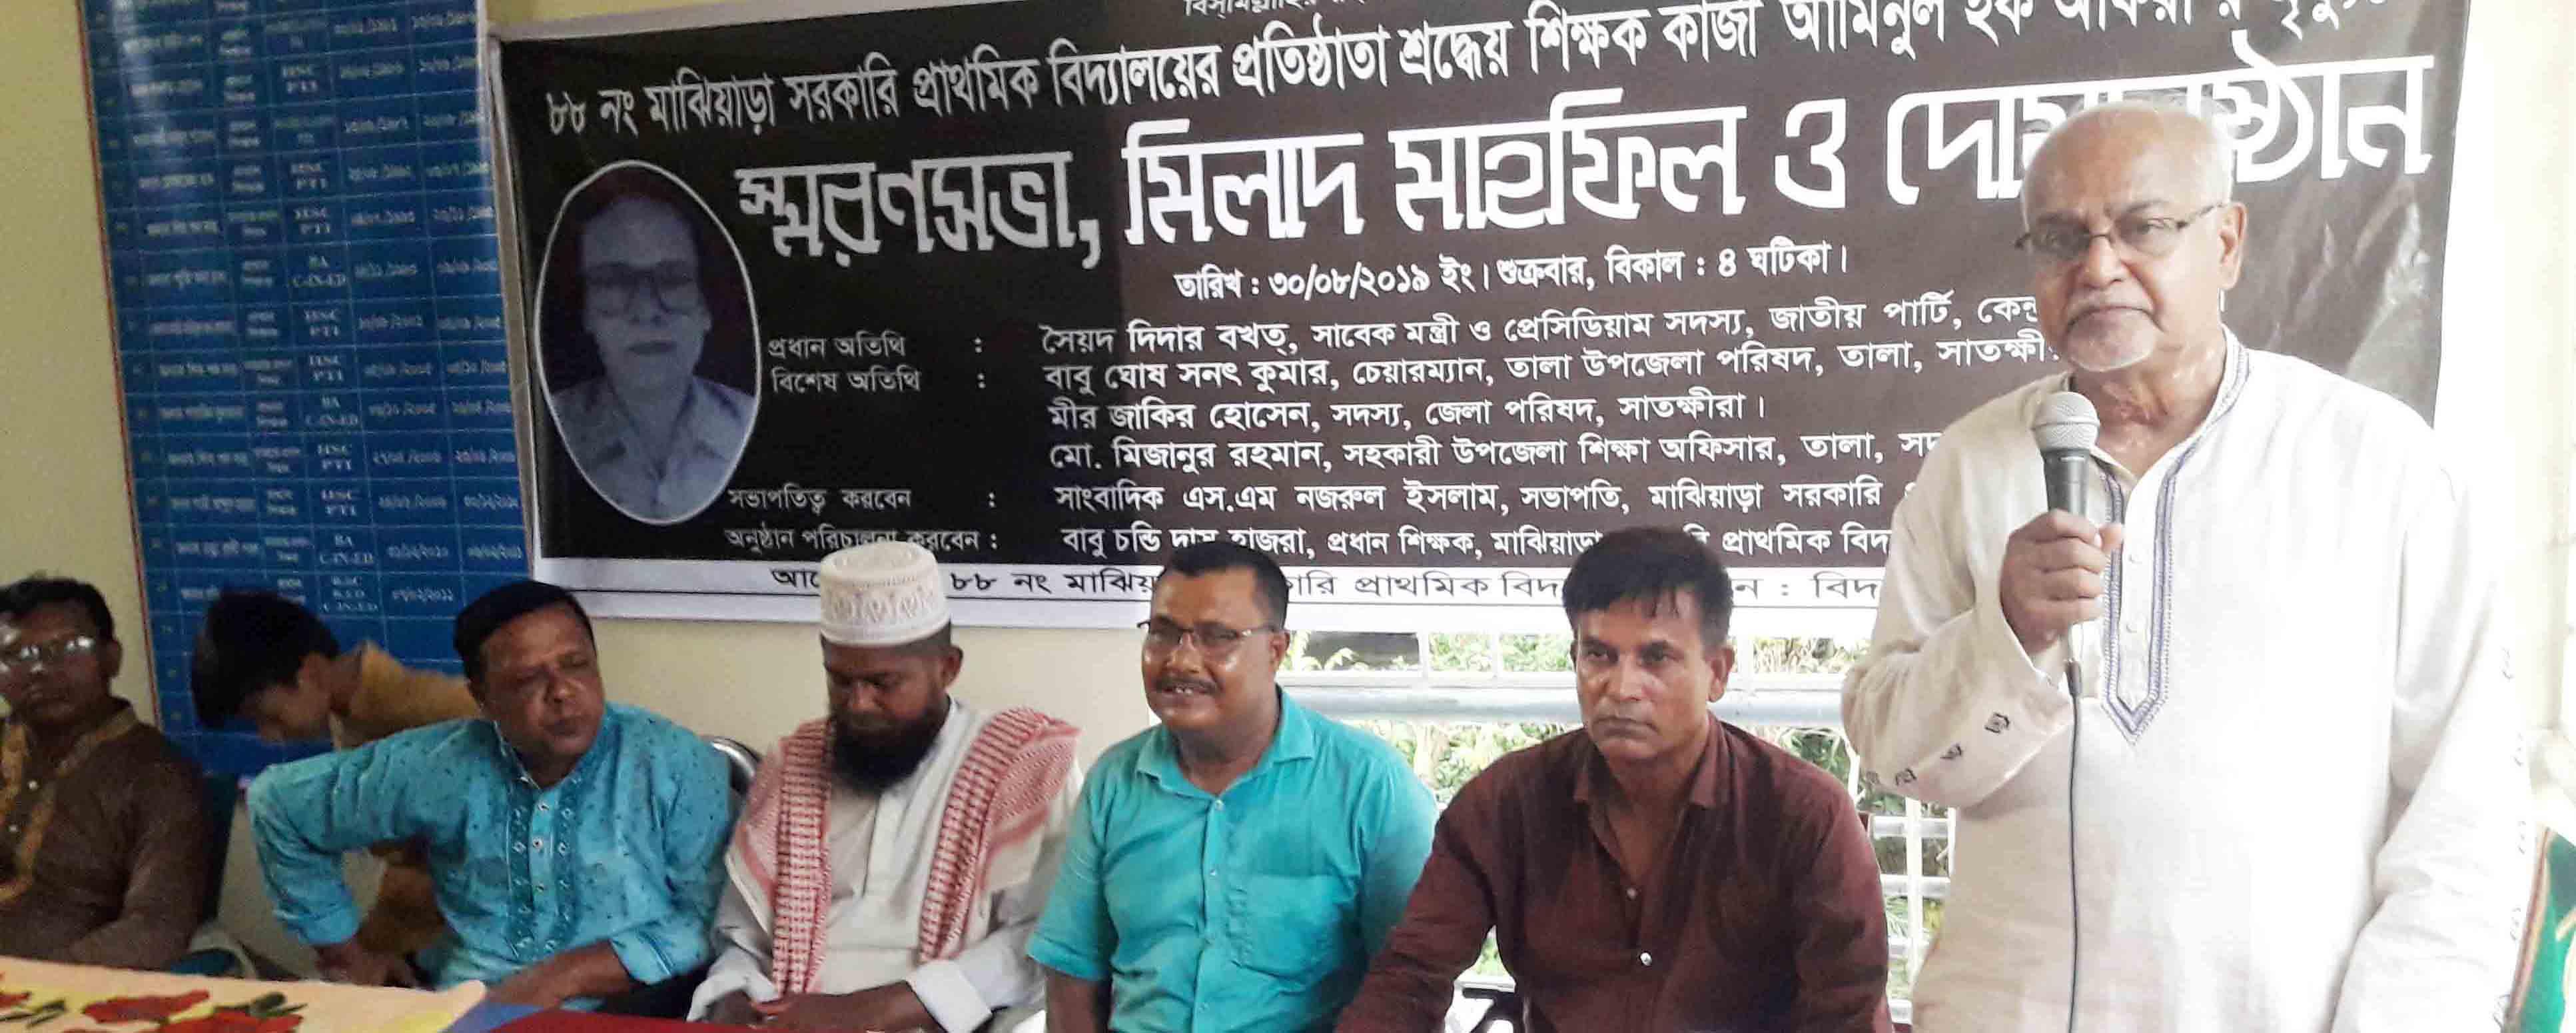 তালায় শিক্ষক কাজী আফরার স্মরণসভা অনুষ্ঠিত